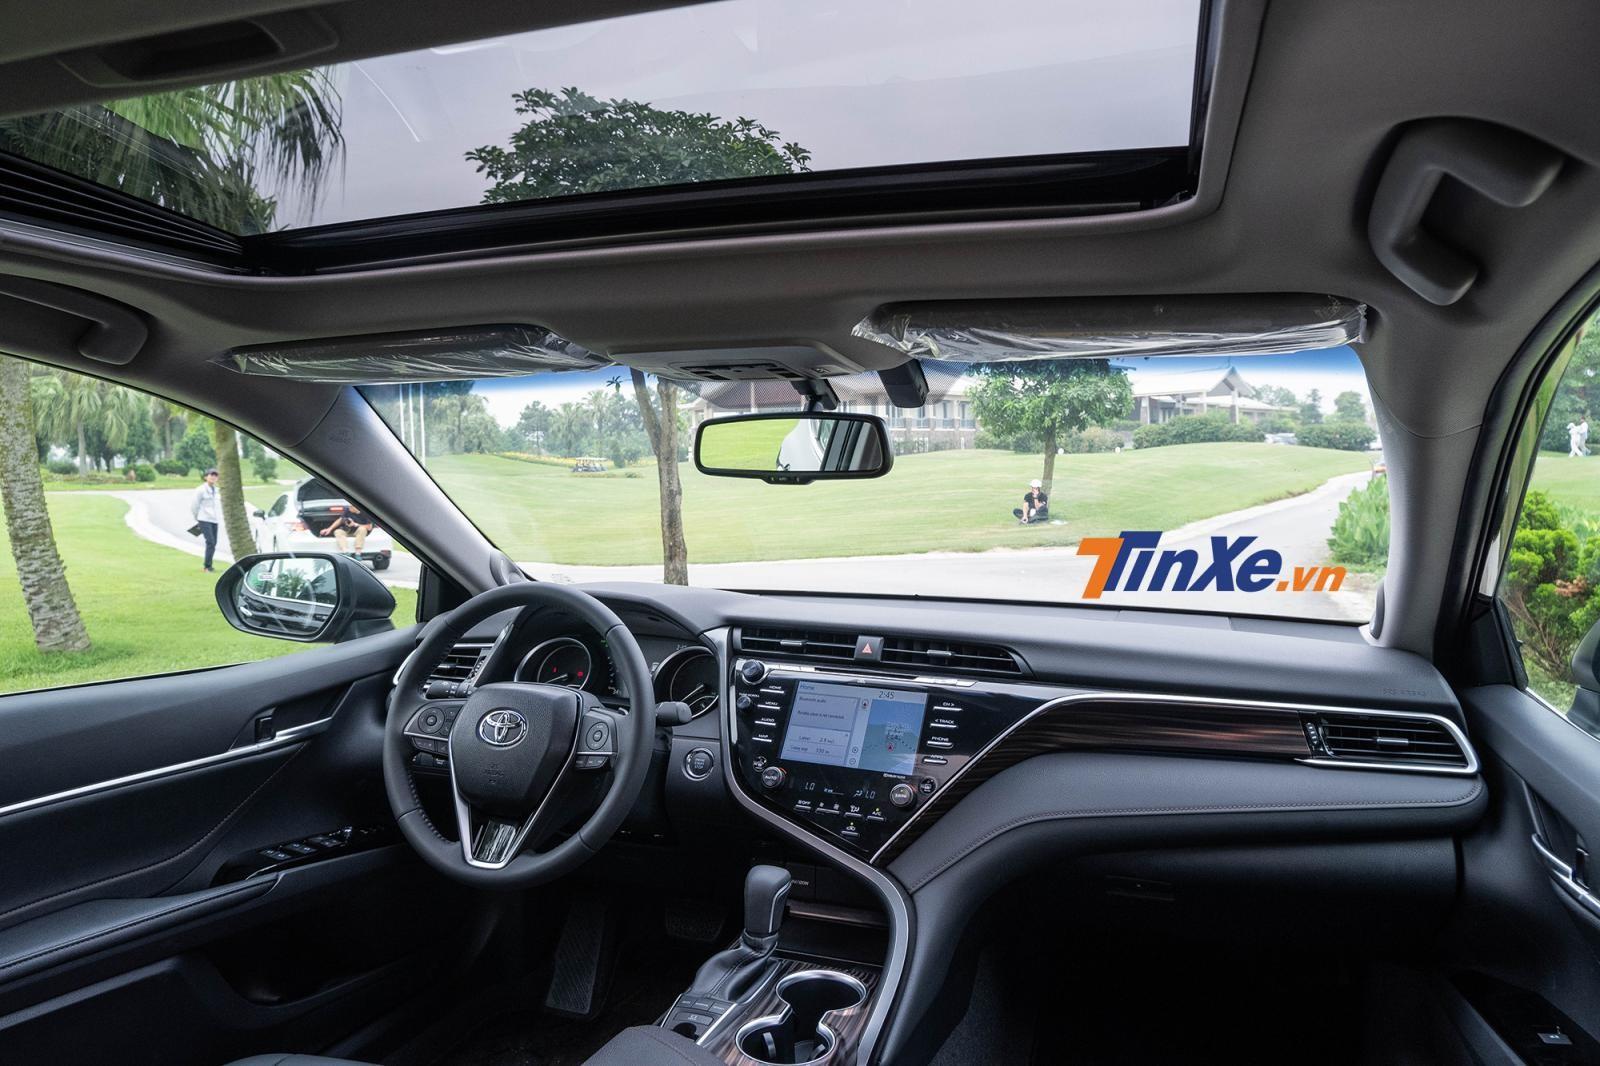 Nội thất của Toyota Camry 2019 lột xác khỏi yếu tố trung niên